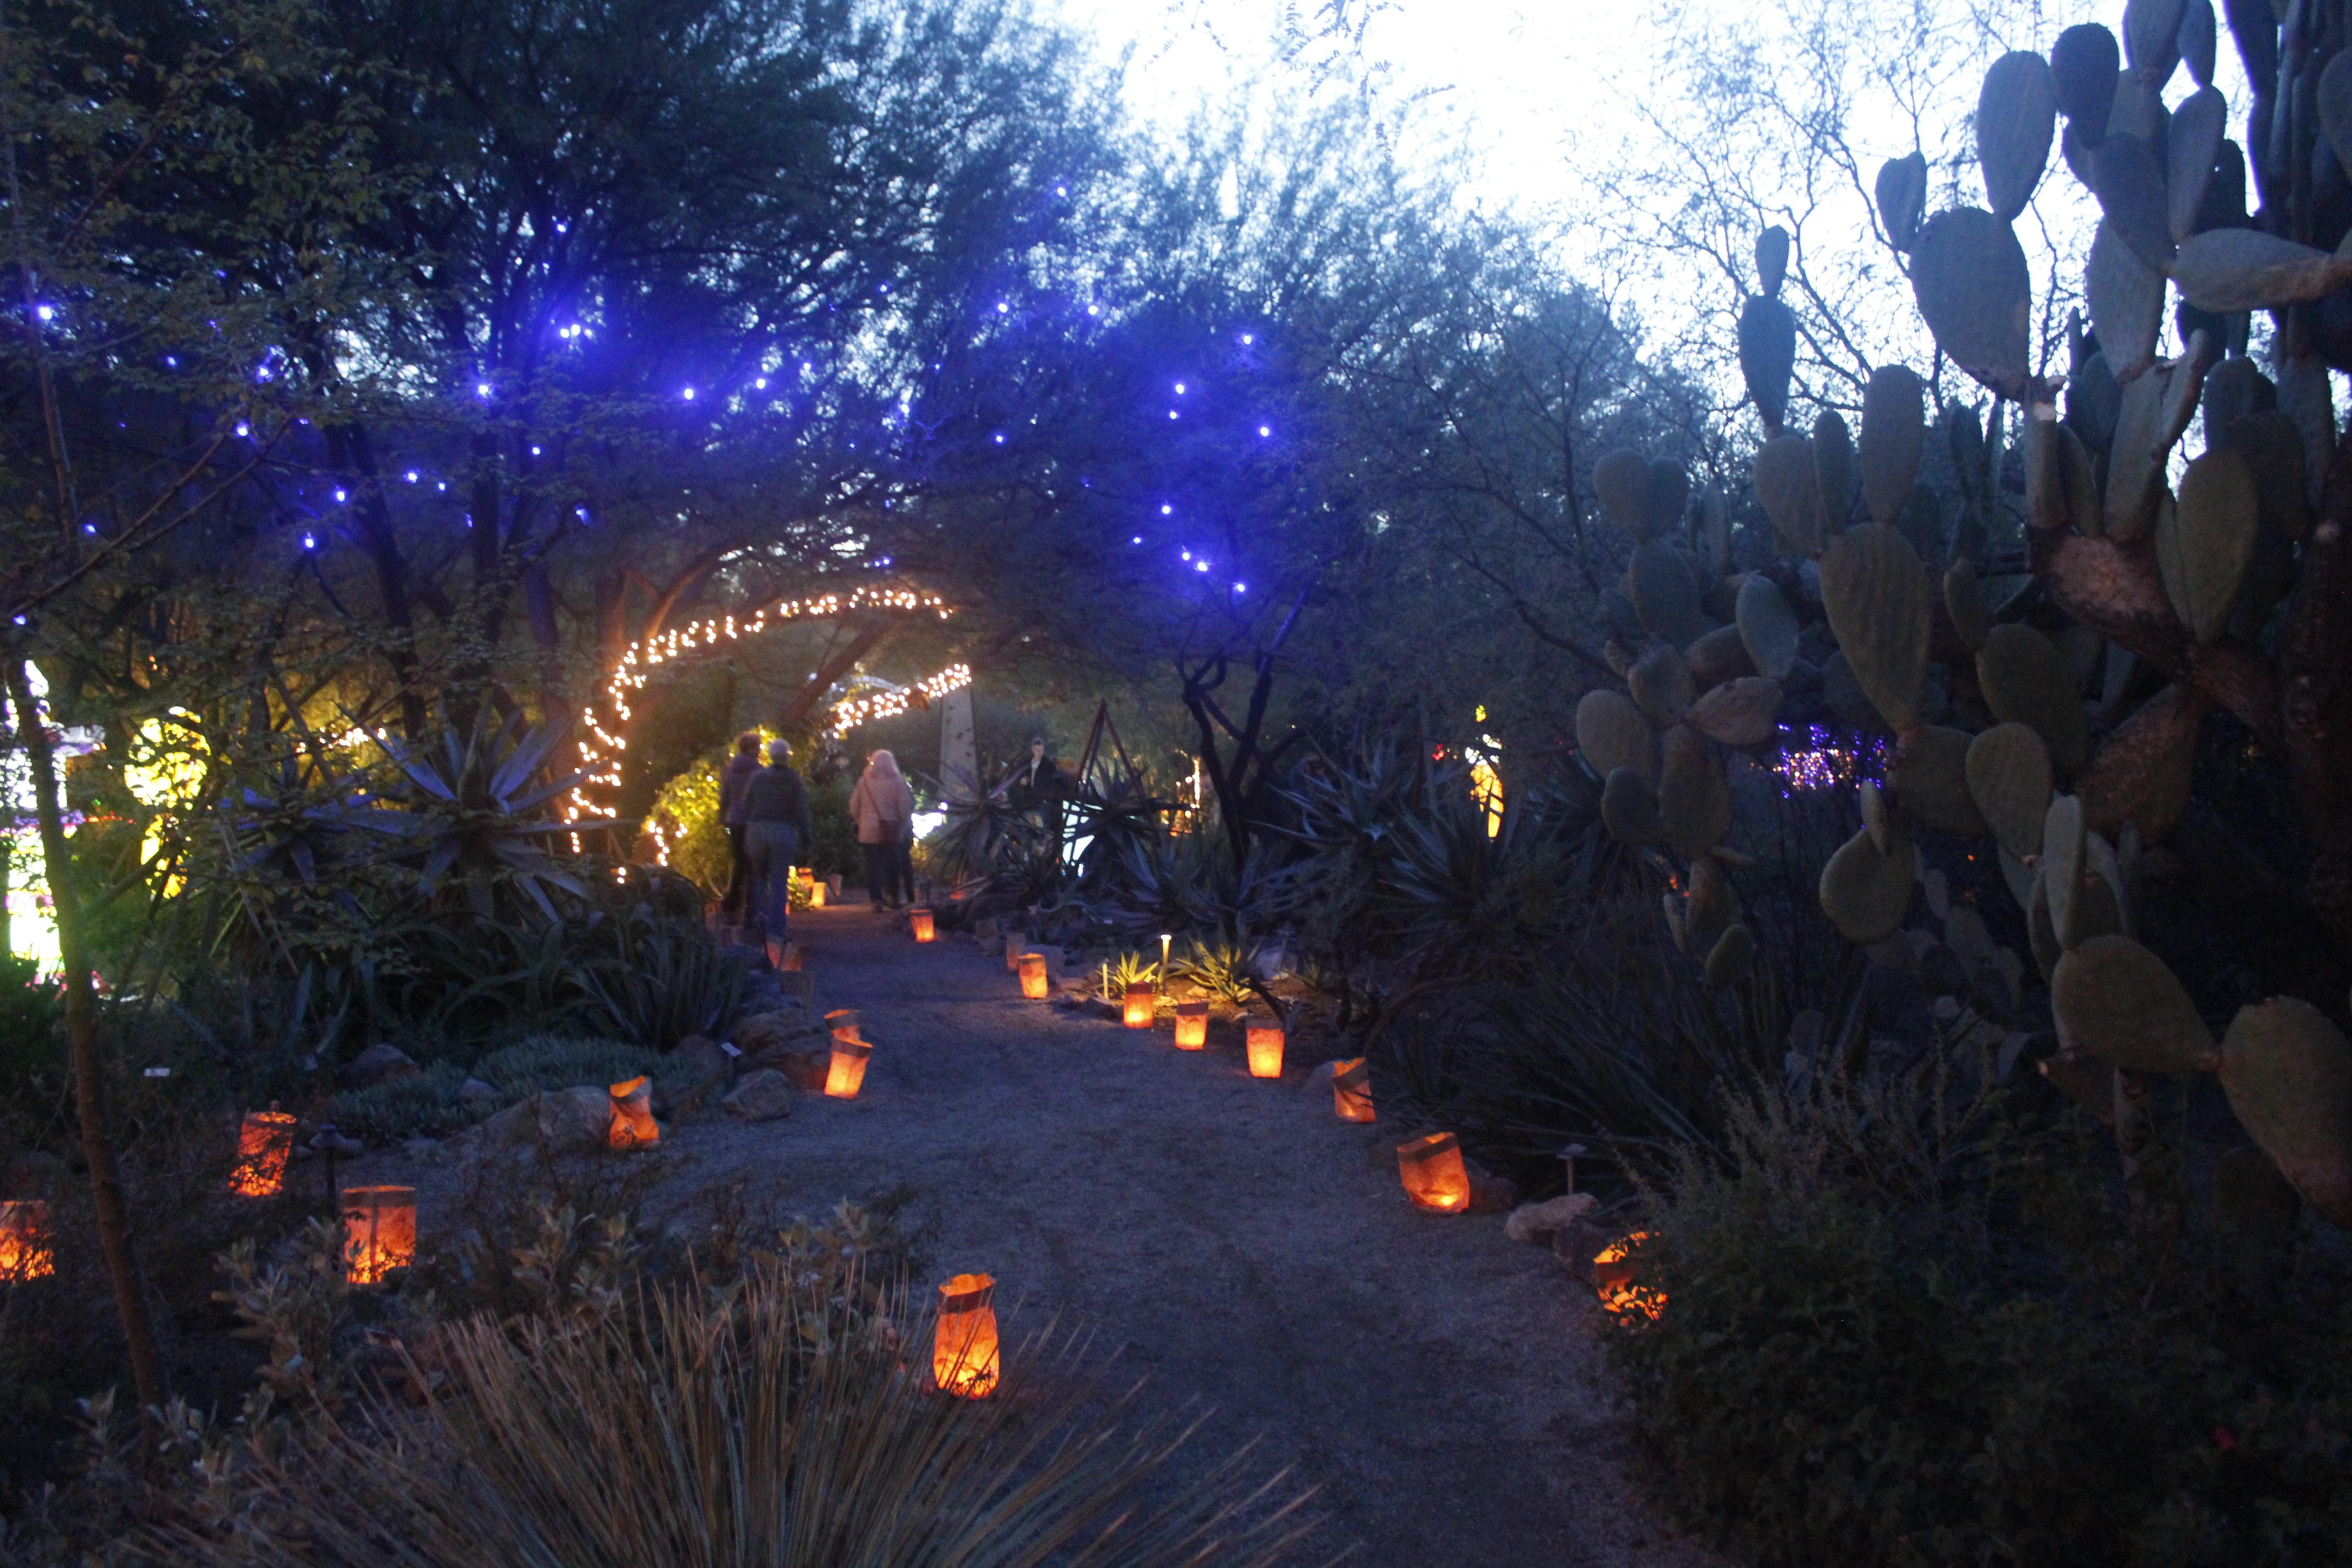 luminaria nights - Tucson Botanical Gardens Luminaria Night 2019